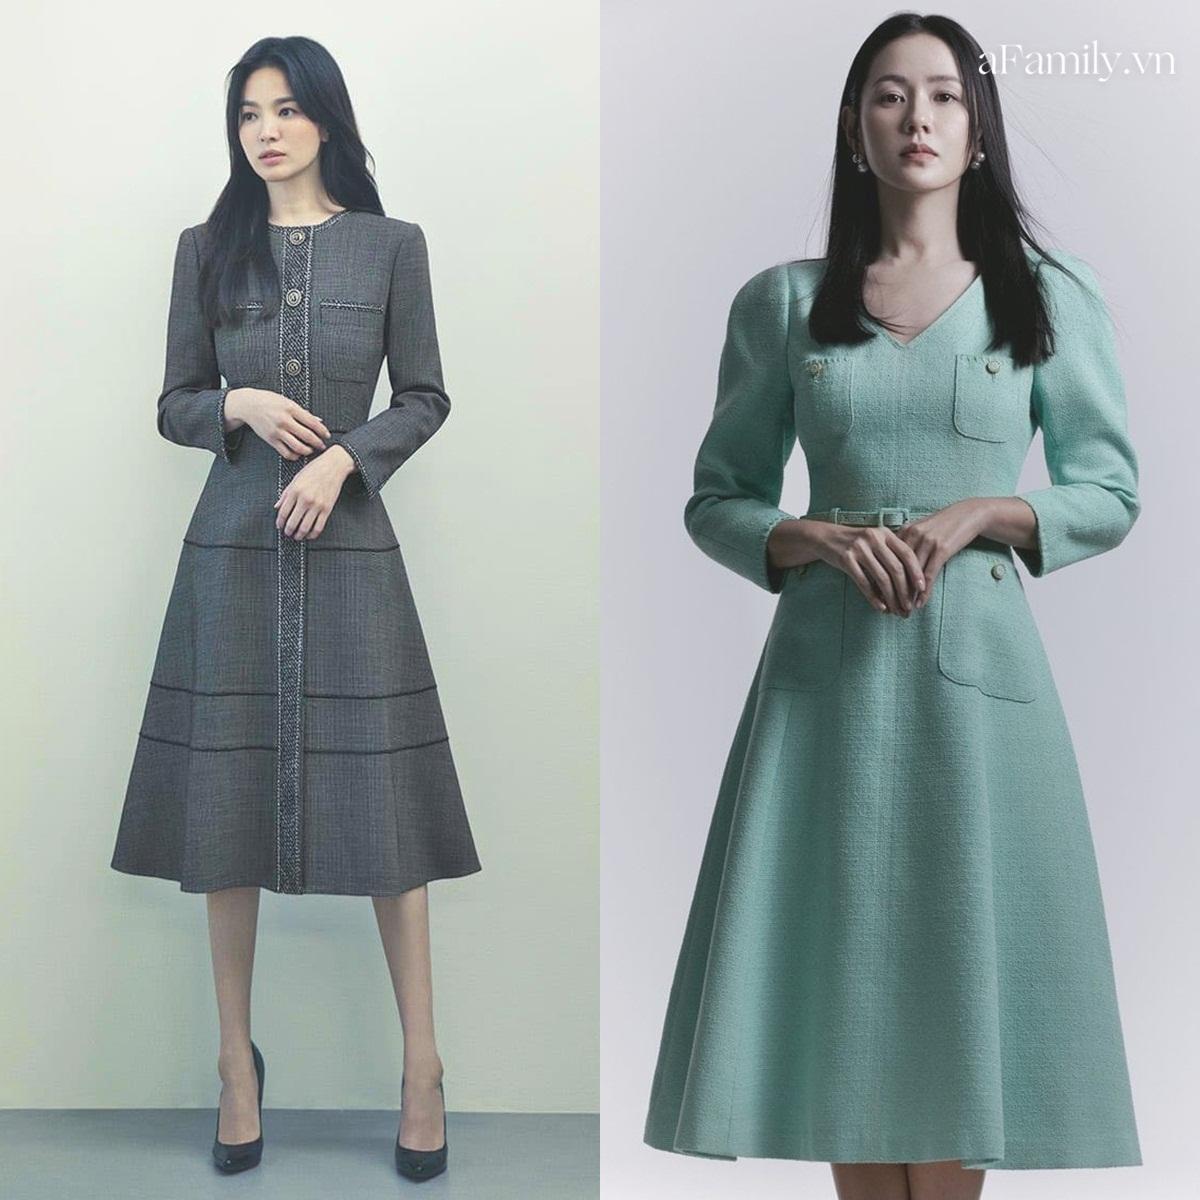 Song Hye Kyo Son Ye Jin làm mẫu đồ công sở Thu Đông - Ảnh 3.